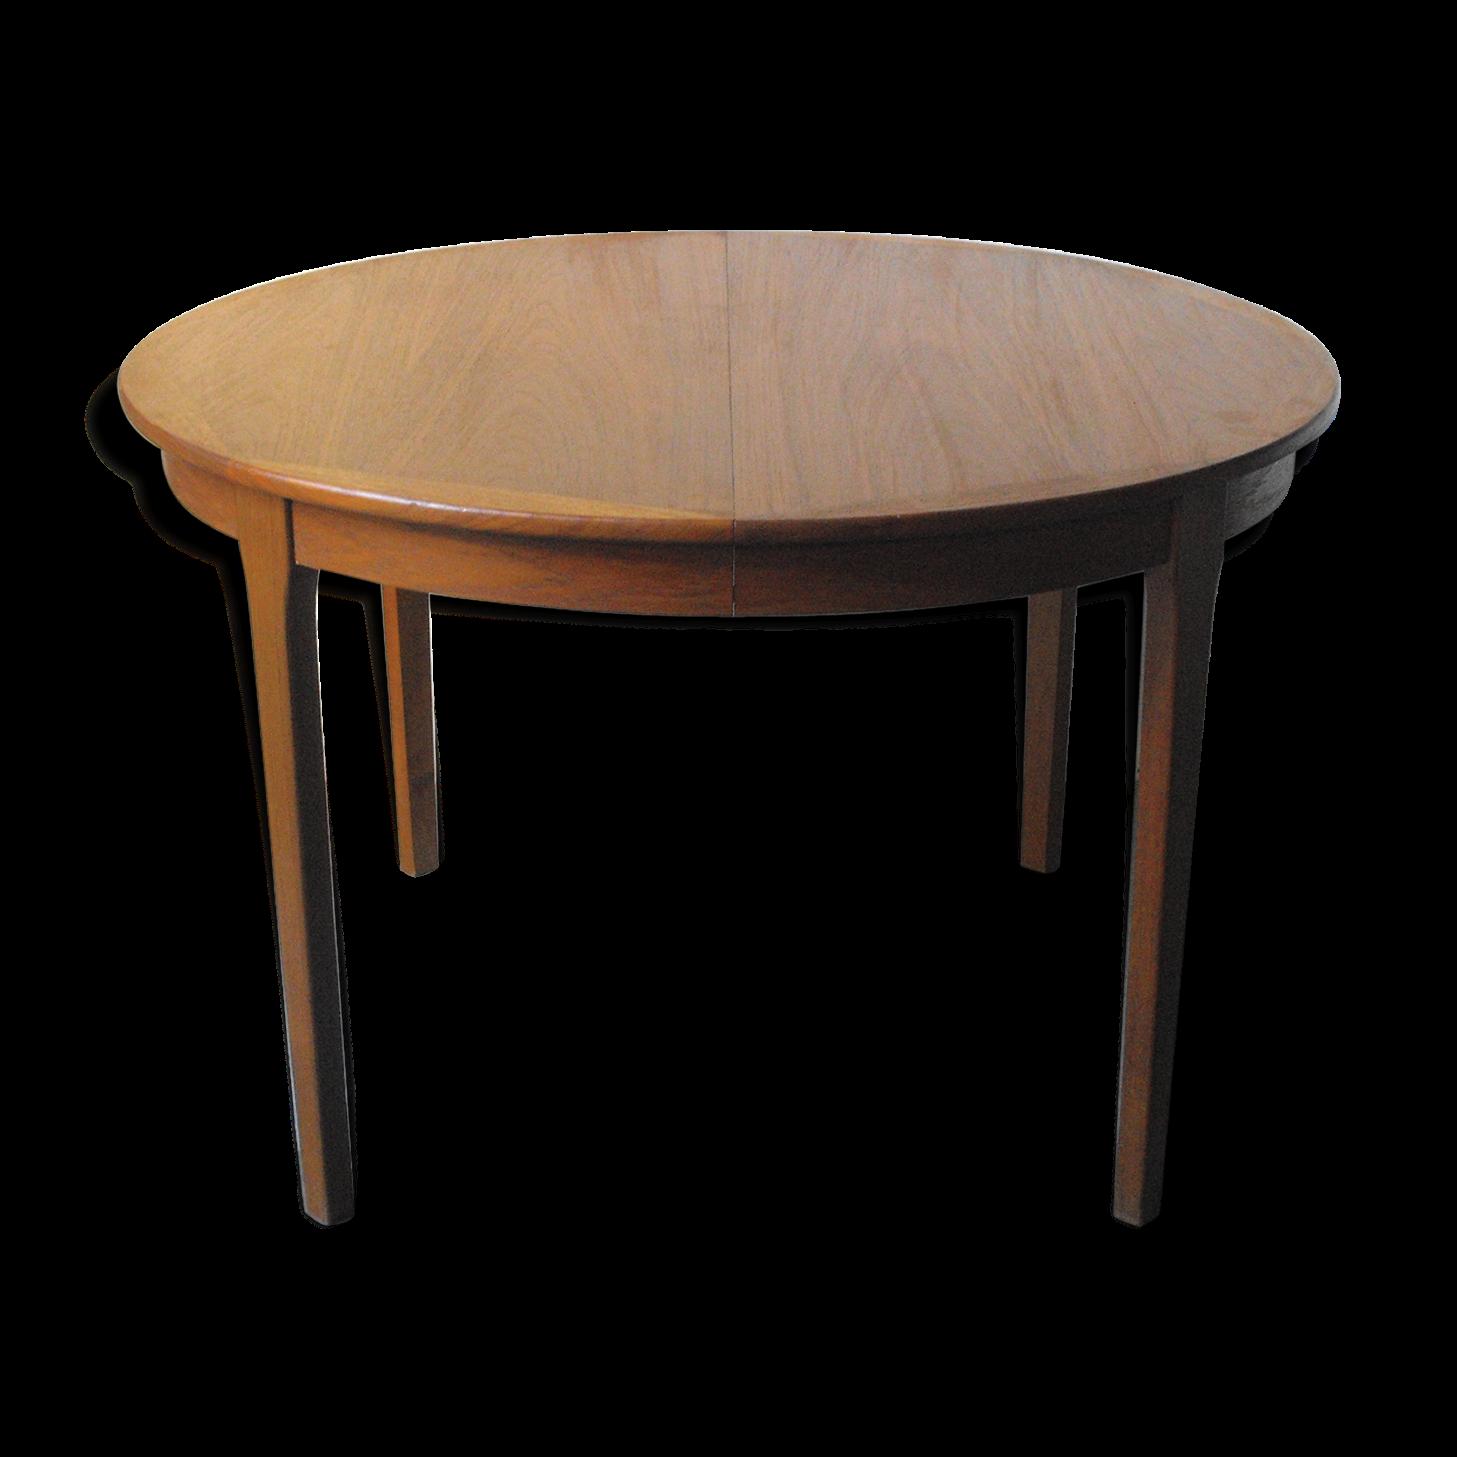 table ronde maison du monde simple table salon ardoise. Black Bedroom Furniture Sets. Home Design Ideas